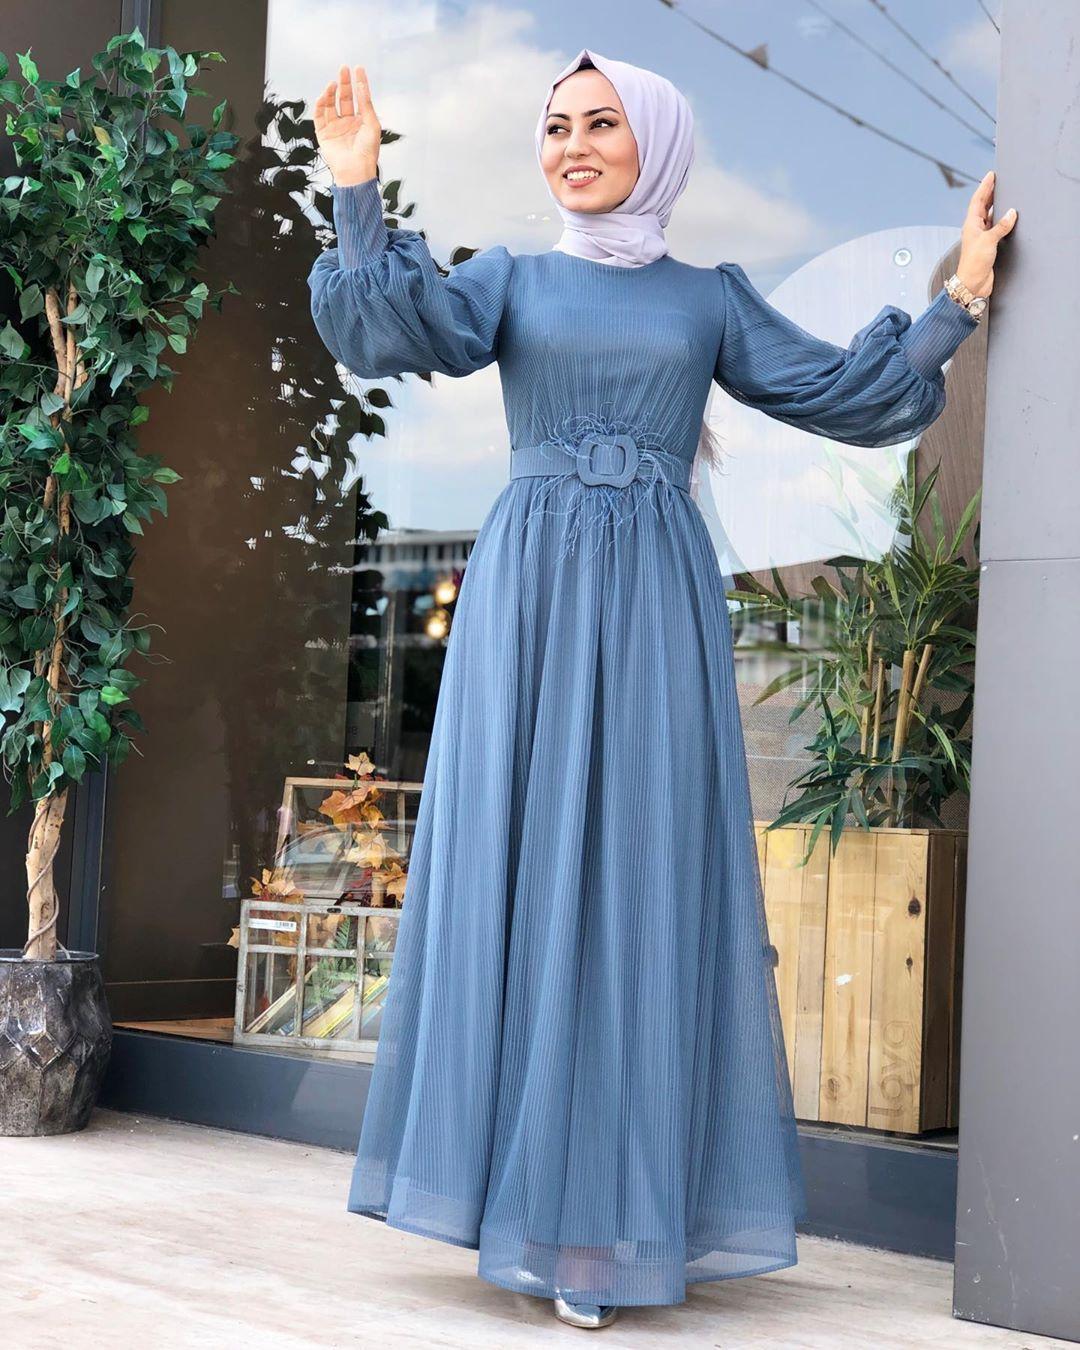 Ensar Butik Perakende Toptan On Instagram Sizler Icin En Guzel Modeller Fiyat 250 Tl 36 42 Beden Araligi Islami Giyim Elbiseler Elbise